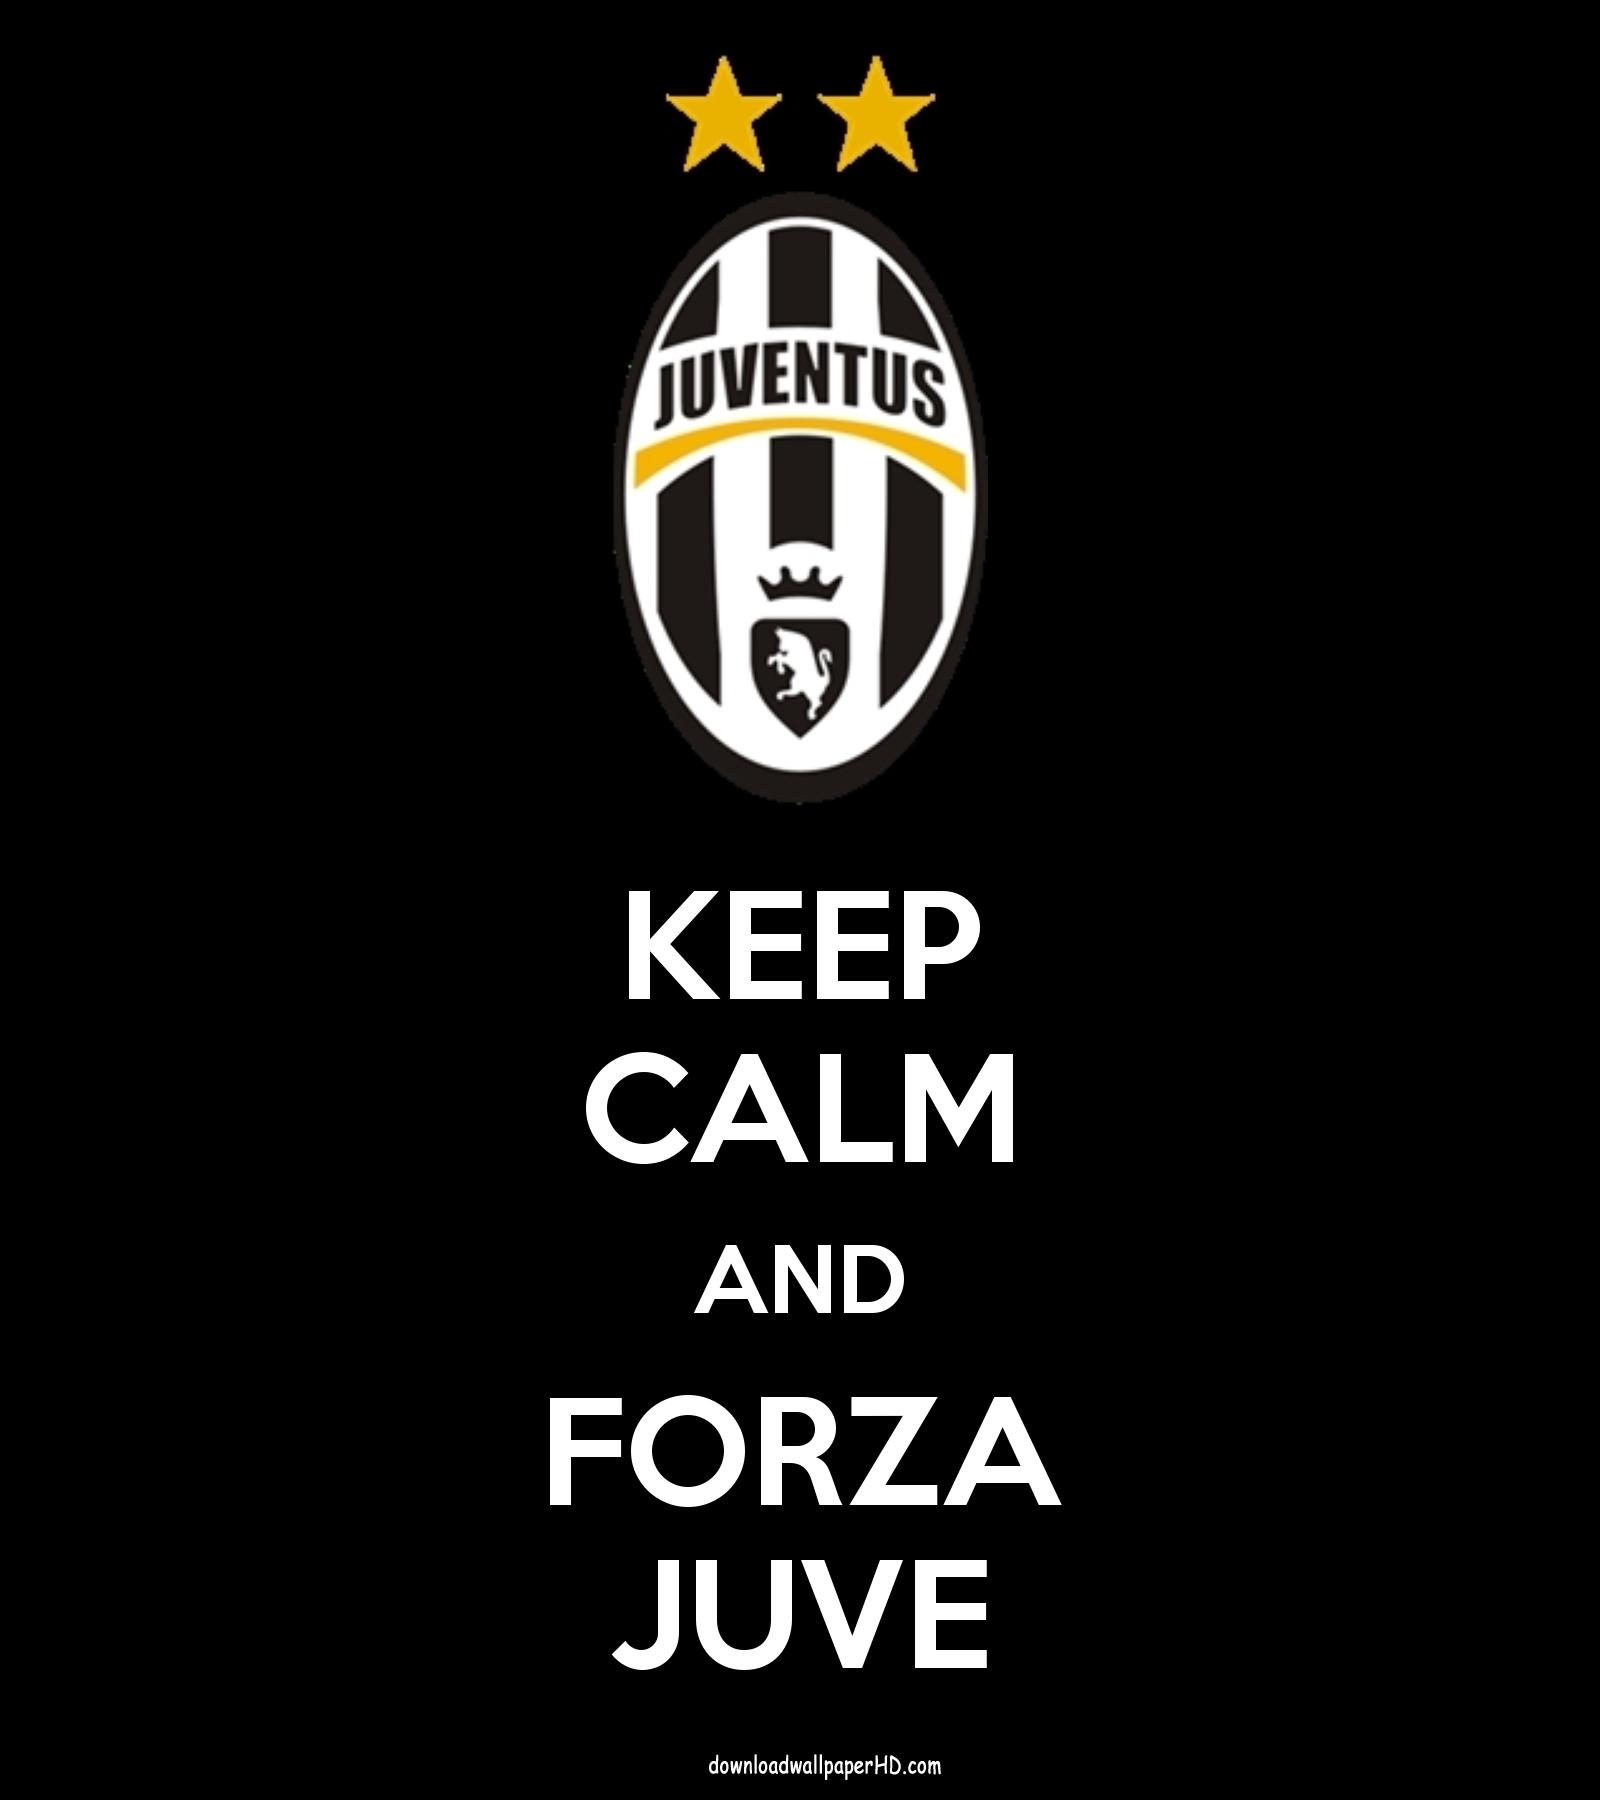 Keep calm and forza juve sfondi hd gratis for Scarica sfondi juventus gratis